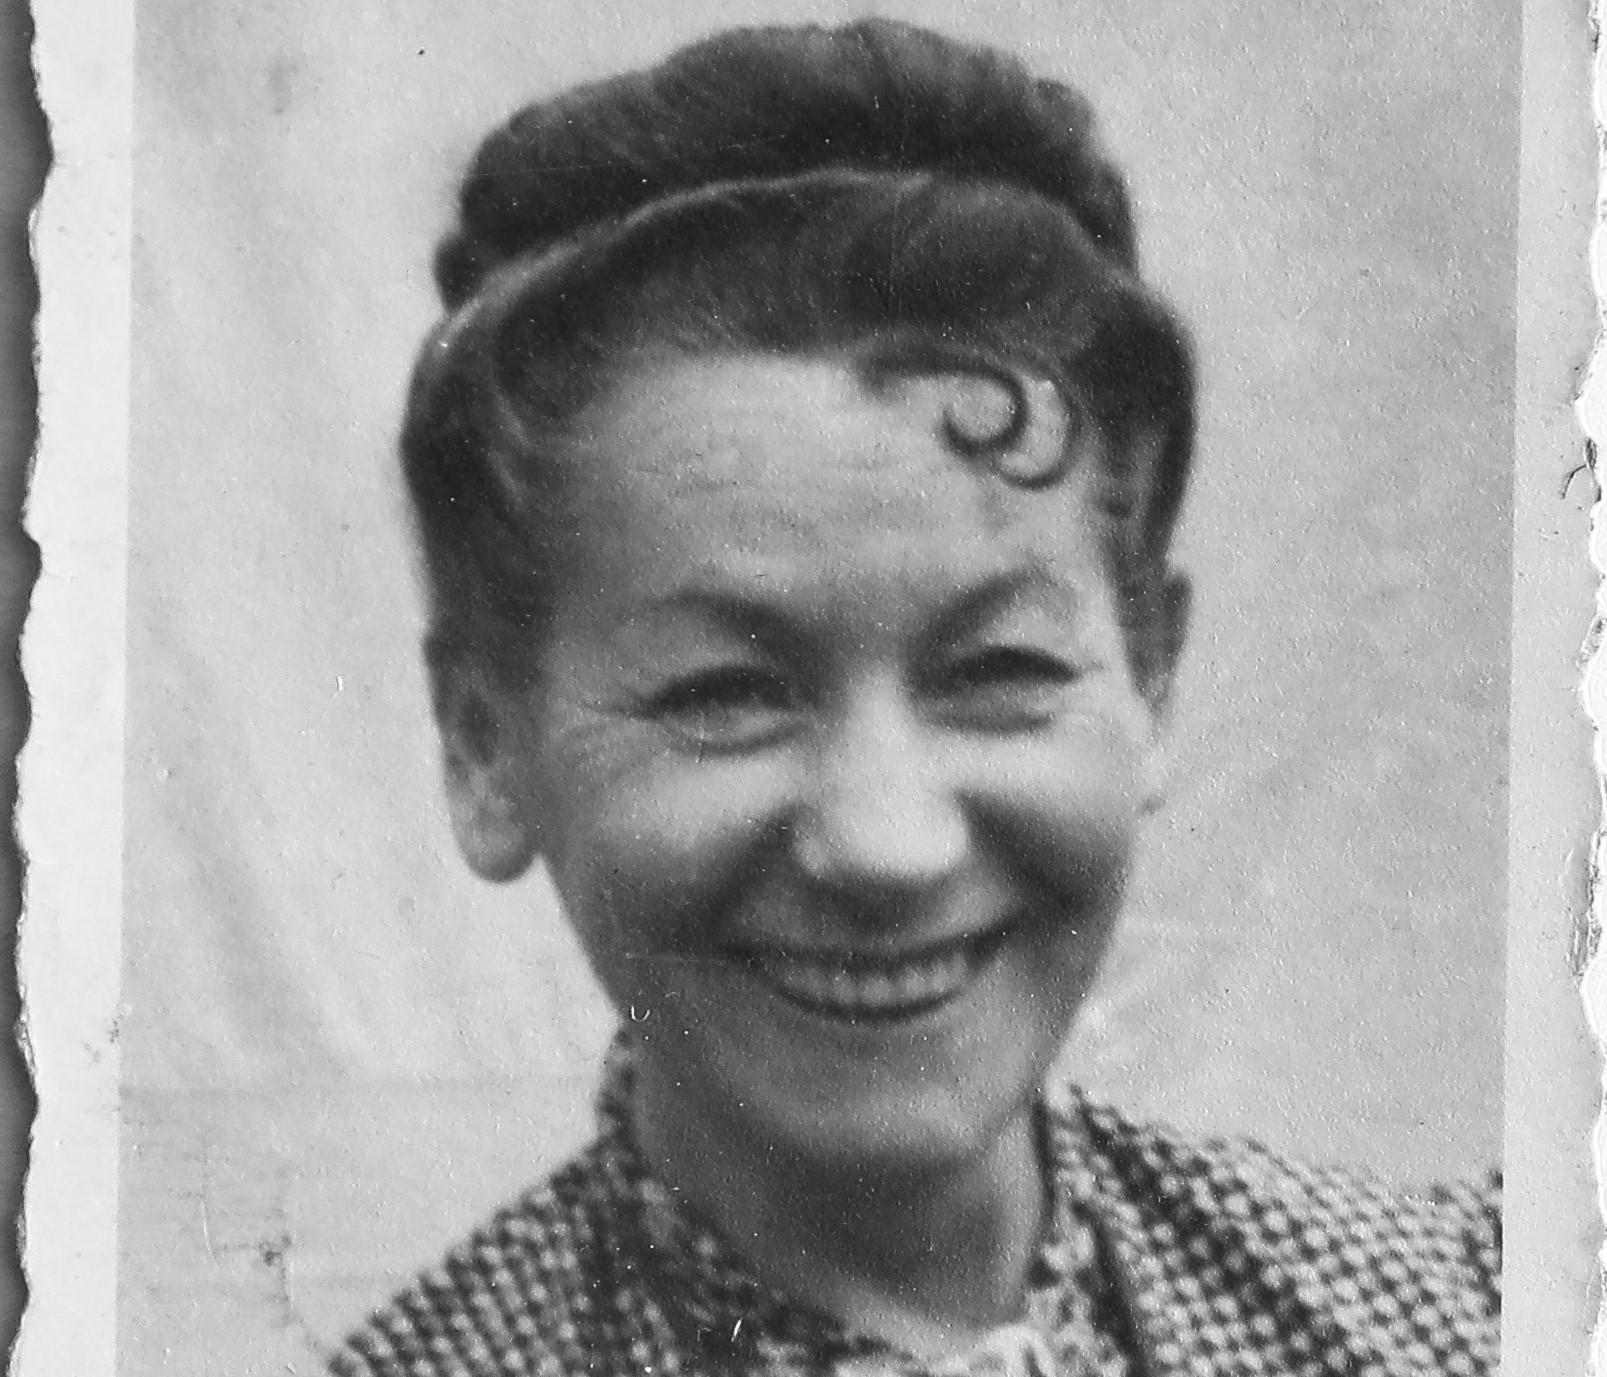 Anna Likierman była silną kobietą, jednak niewolnicza praca w obozie ją zmieniła - nie przypominała już tej uśmiechniętej osoby ze zdjęcia (fot. Archiwum prywatne)